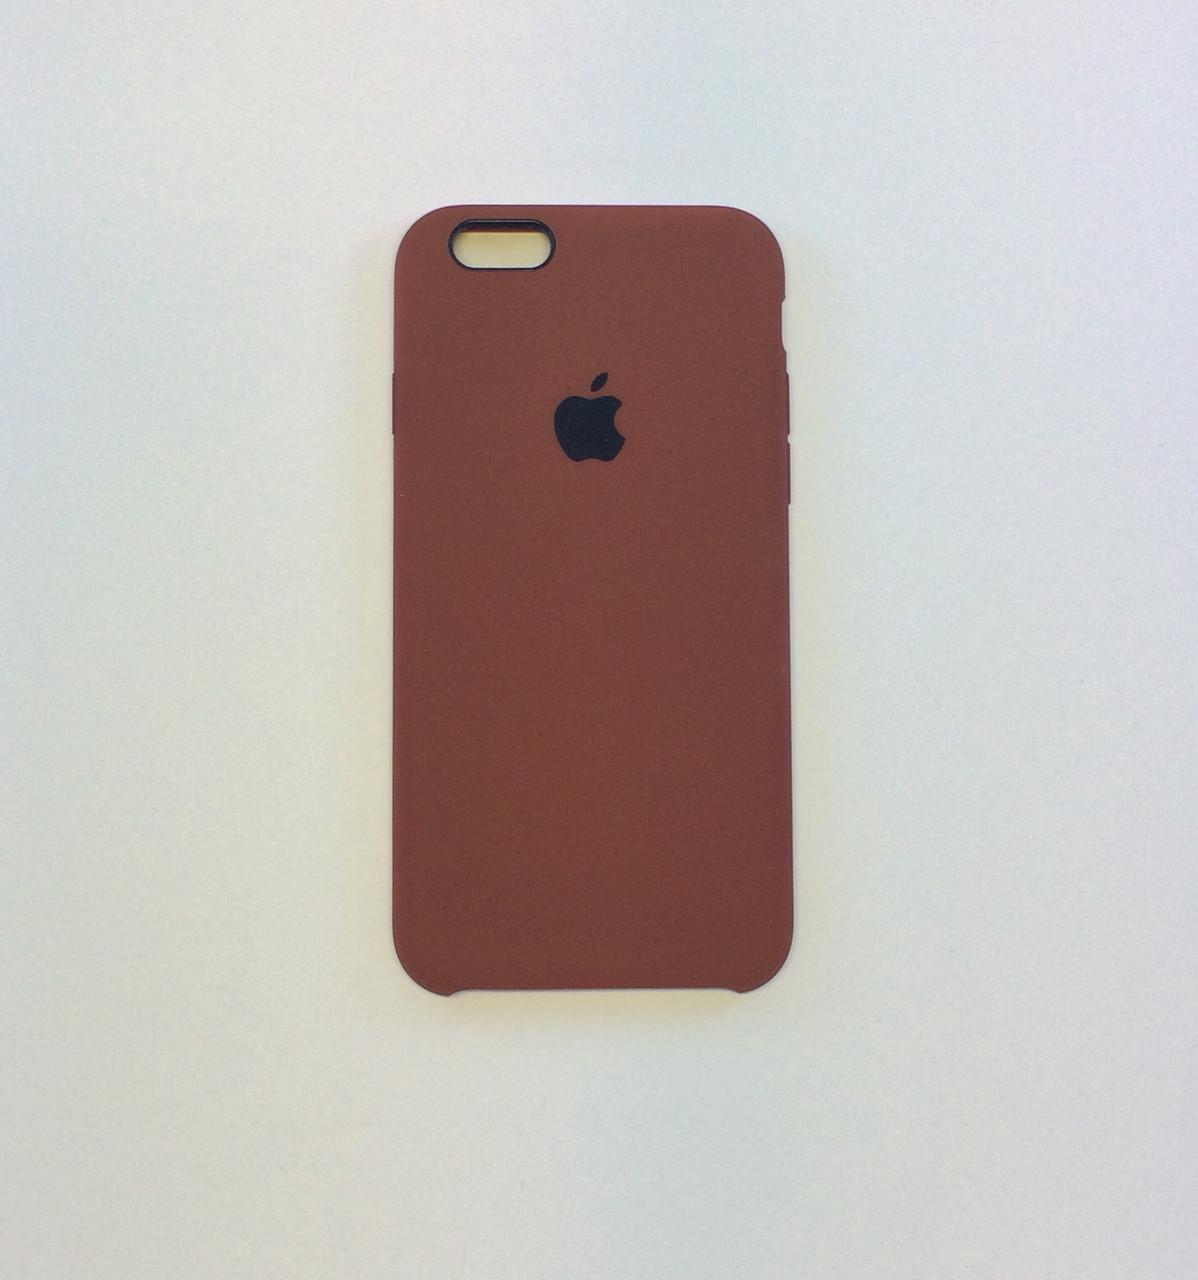 Силиконовый чехол для iPhone 6/6s, - «шоколад» №47 - copy original